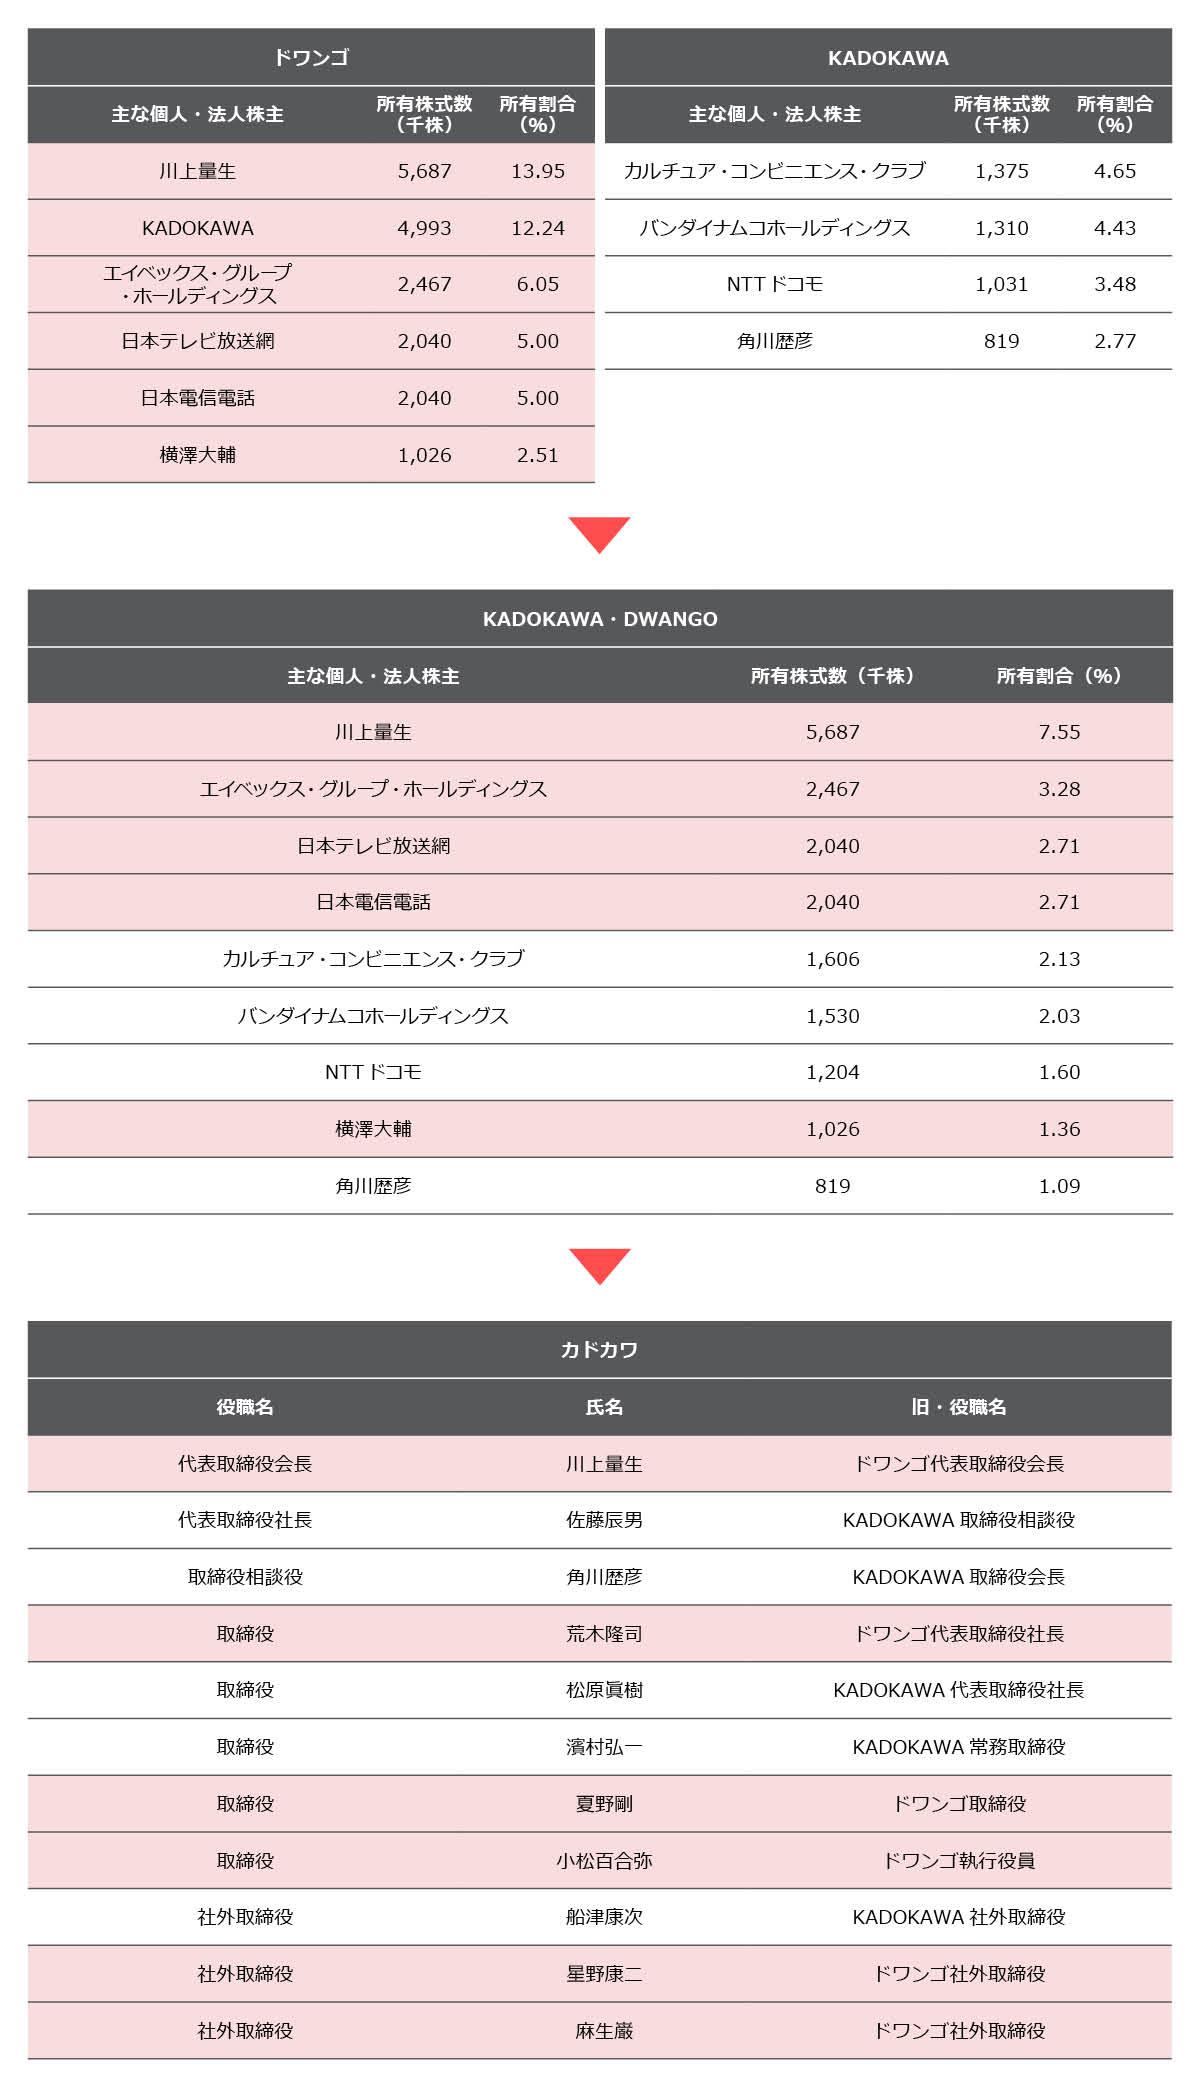 株価 角川 KADOKAWA(9468)の株価 買いサイン分析